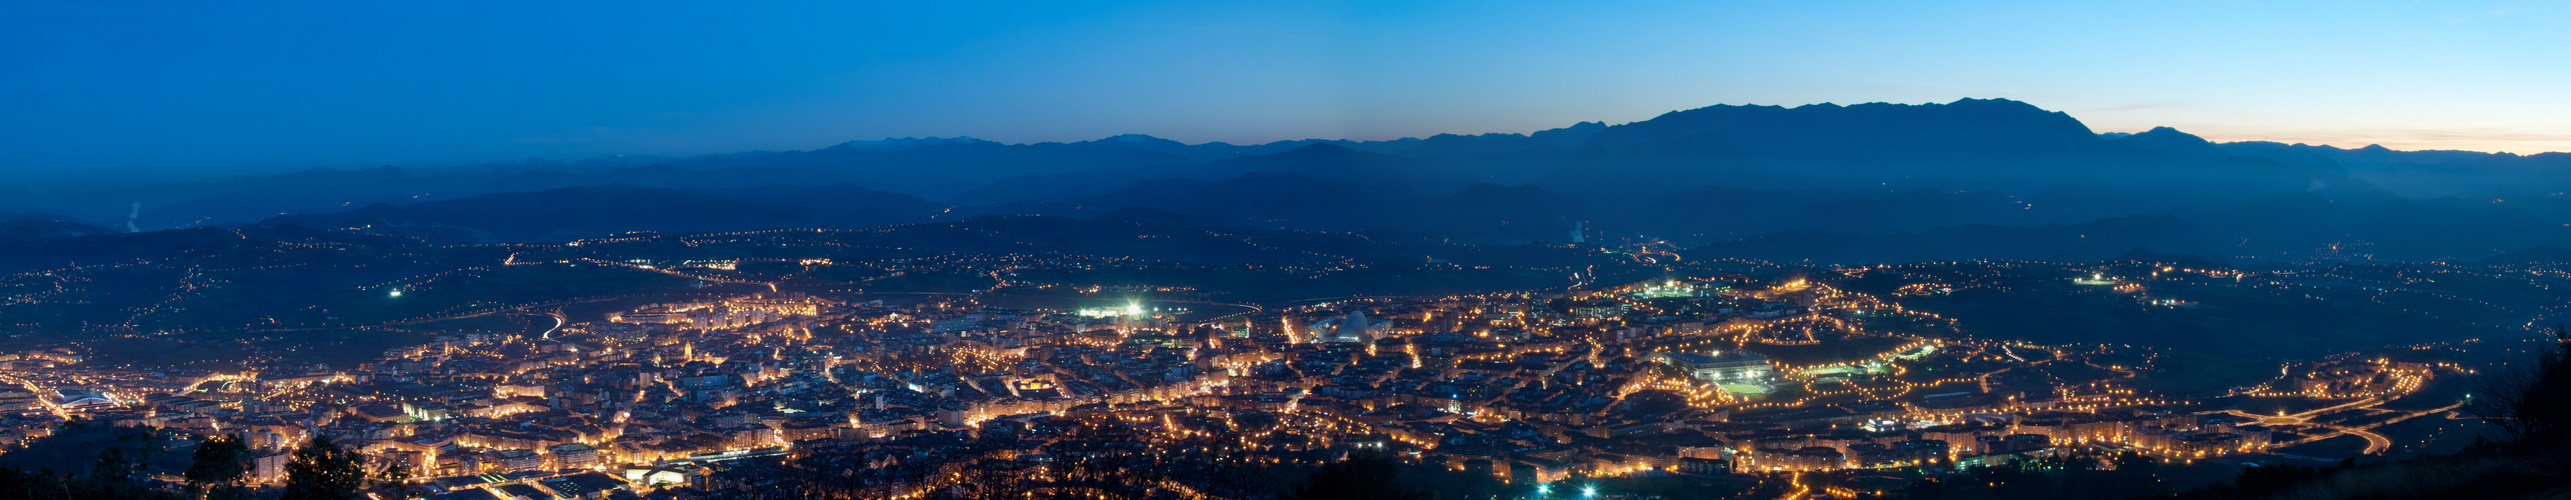 Oviedo nocturno